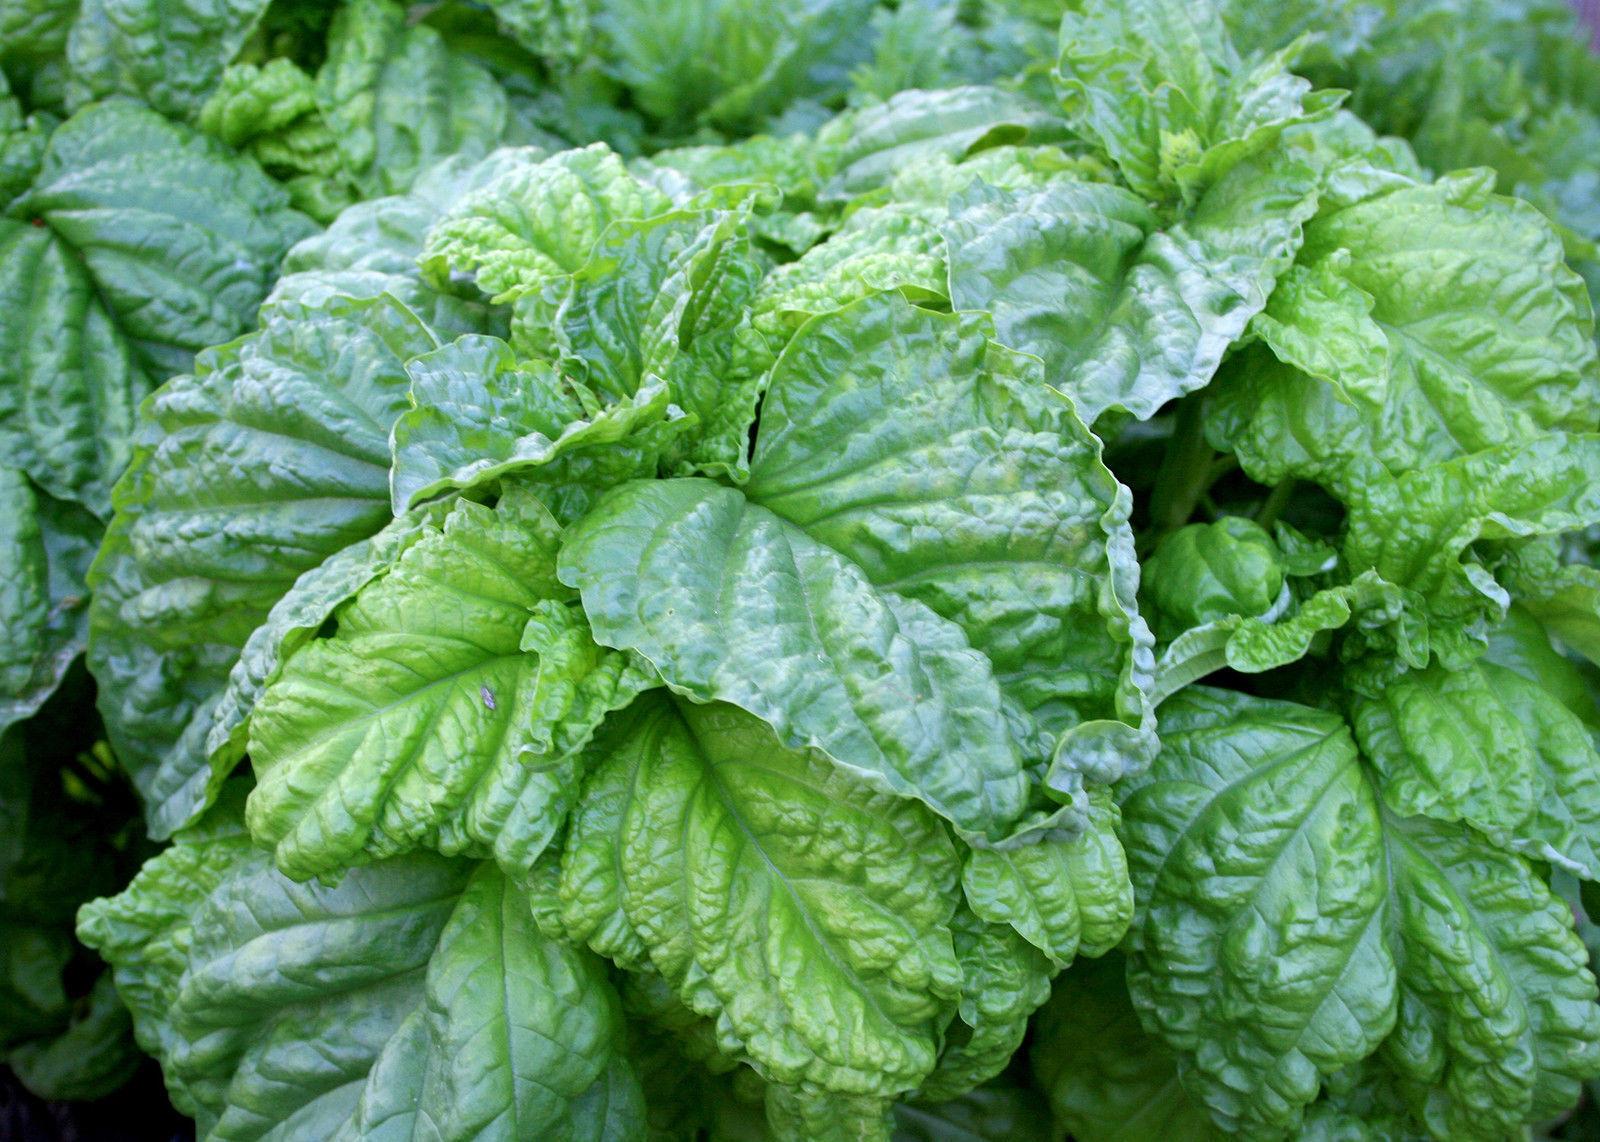 Lettuce-leaved basil - Lettuce leaf - 20+ seeds - HUGE & FRAGRANT!